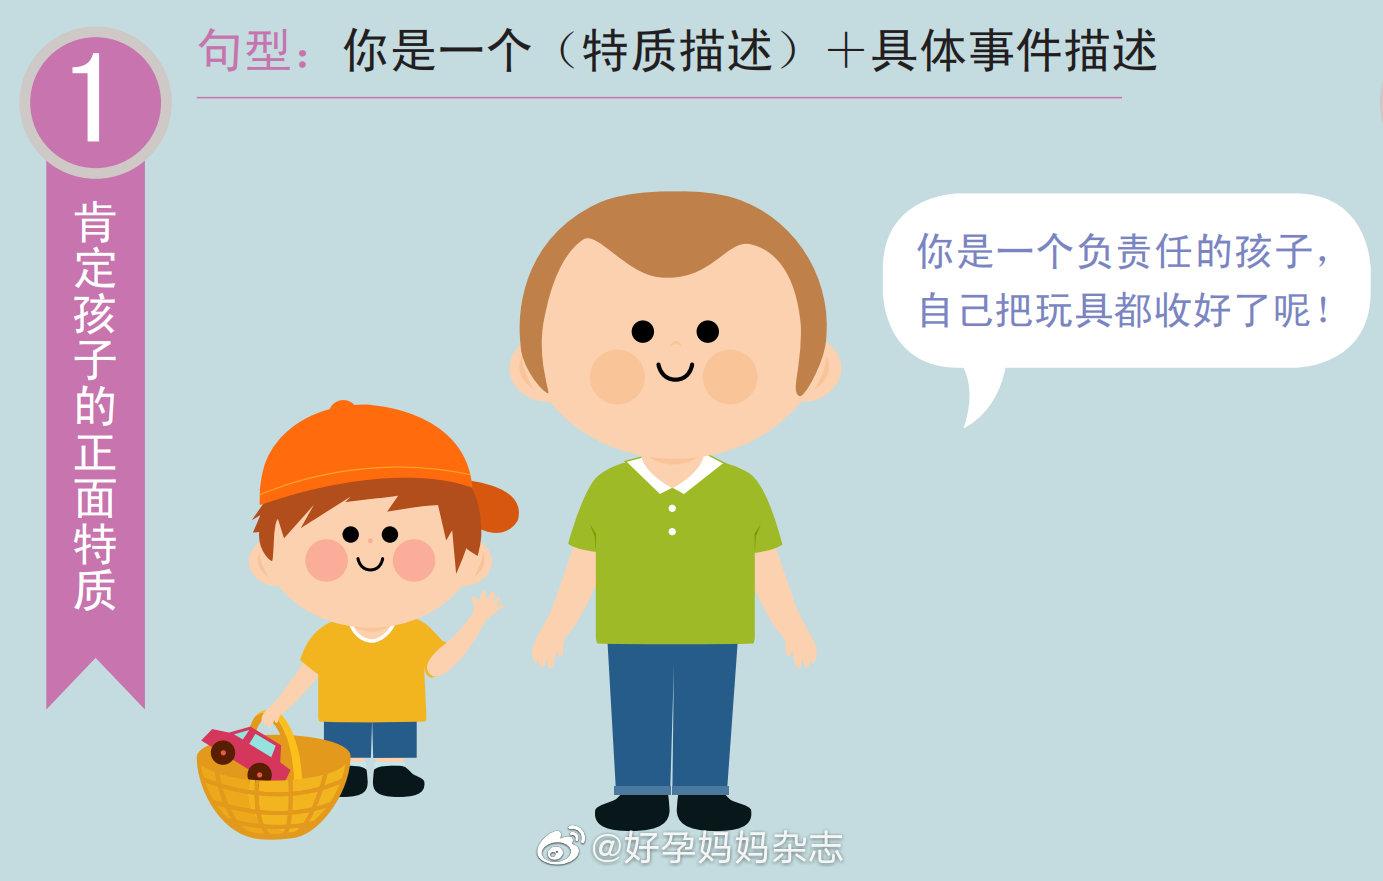 鼓励孩子的话语需要技巧